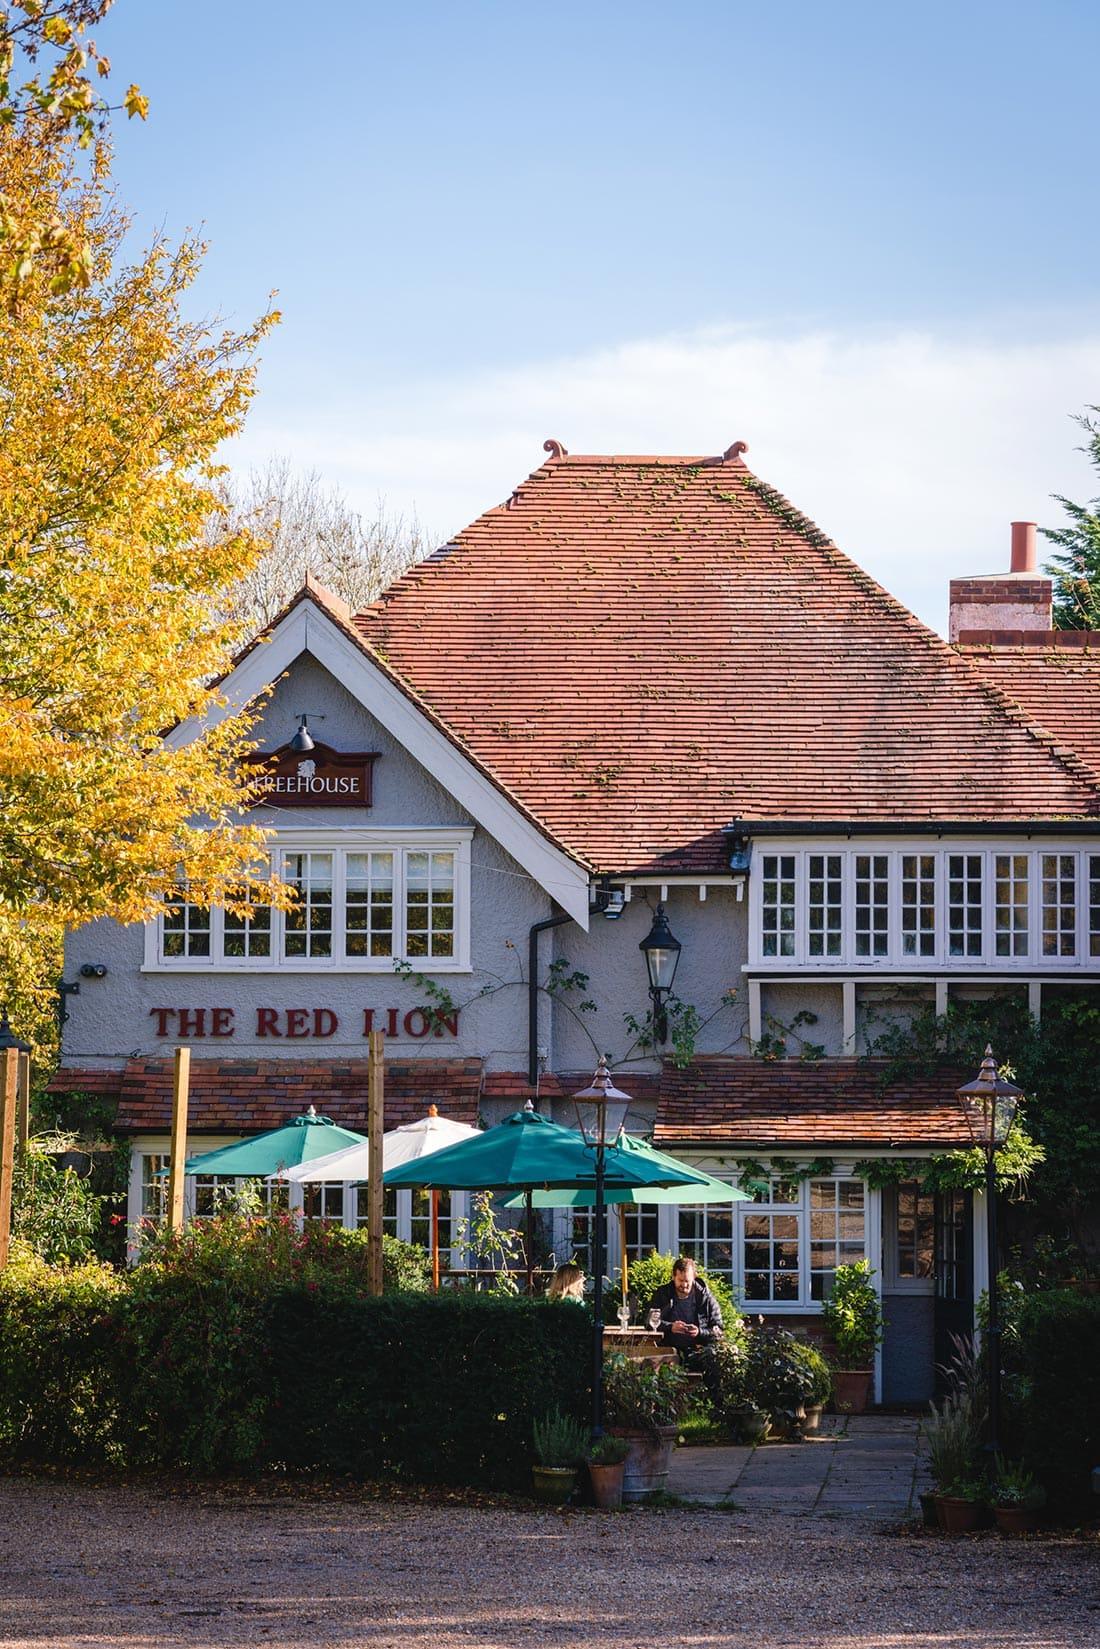 pub in coleshill